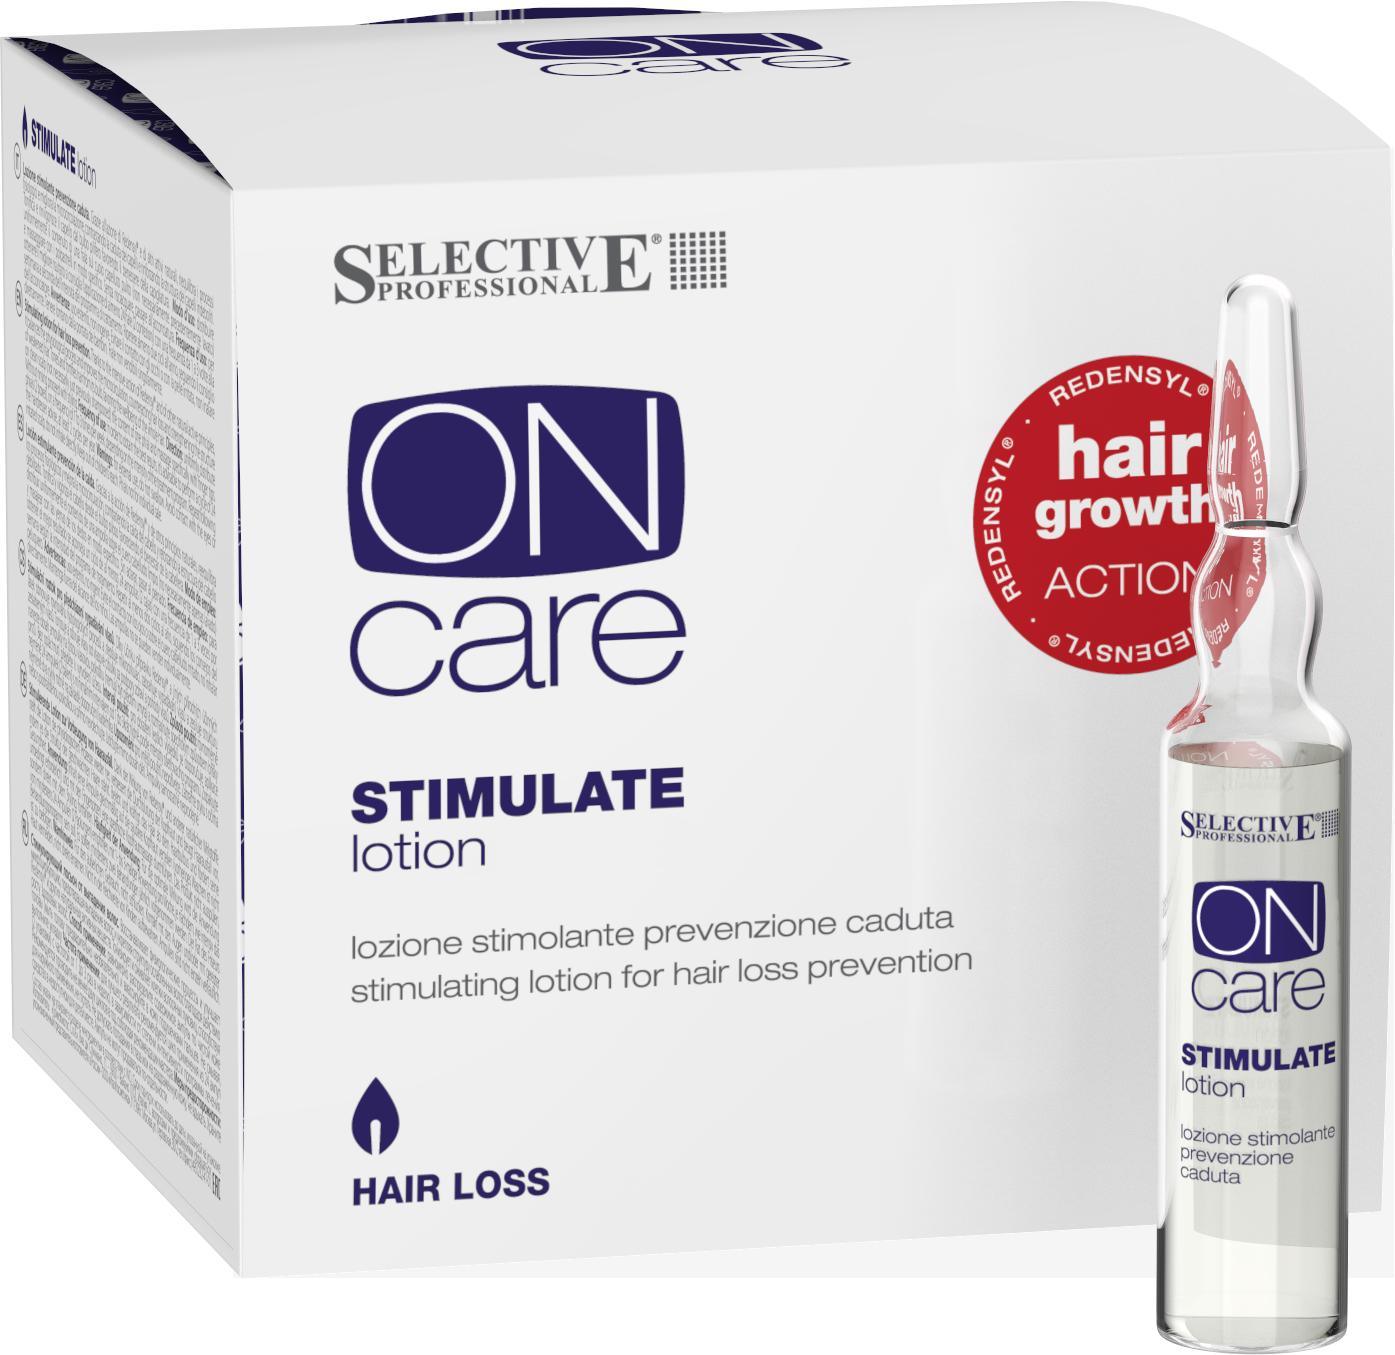 SELECTIVE PROFESSIONAL Лосьон стимулирующий от выпадения волос / On Care Hair Loss 12*6 млЛосьоны<br>Восстанавливает физиологические процессы и улучшает микроциркуляцию, предотвращая выпадение волос и укрепляя структуру ослабленных волос благодаря специальным ценным активным веществам. Тонизирует и оживляет клетки волосяных луковиц, способствуя росту здоровых волос. Активные ингредиенты: Redensyl® - это запатентованный ингредиент, состоящий из 4 основынх моллекул (DHQG, EGCG2, глицина и цинка), способных активировать рост волос и уменьшить потерю всего за 84 дня.<br><br>Назначение: Выпадение